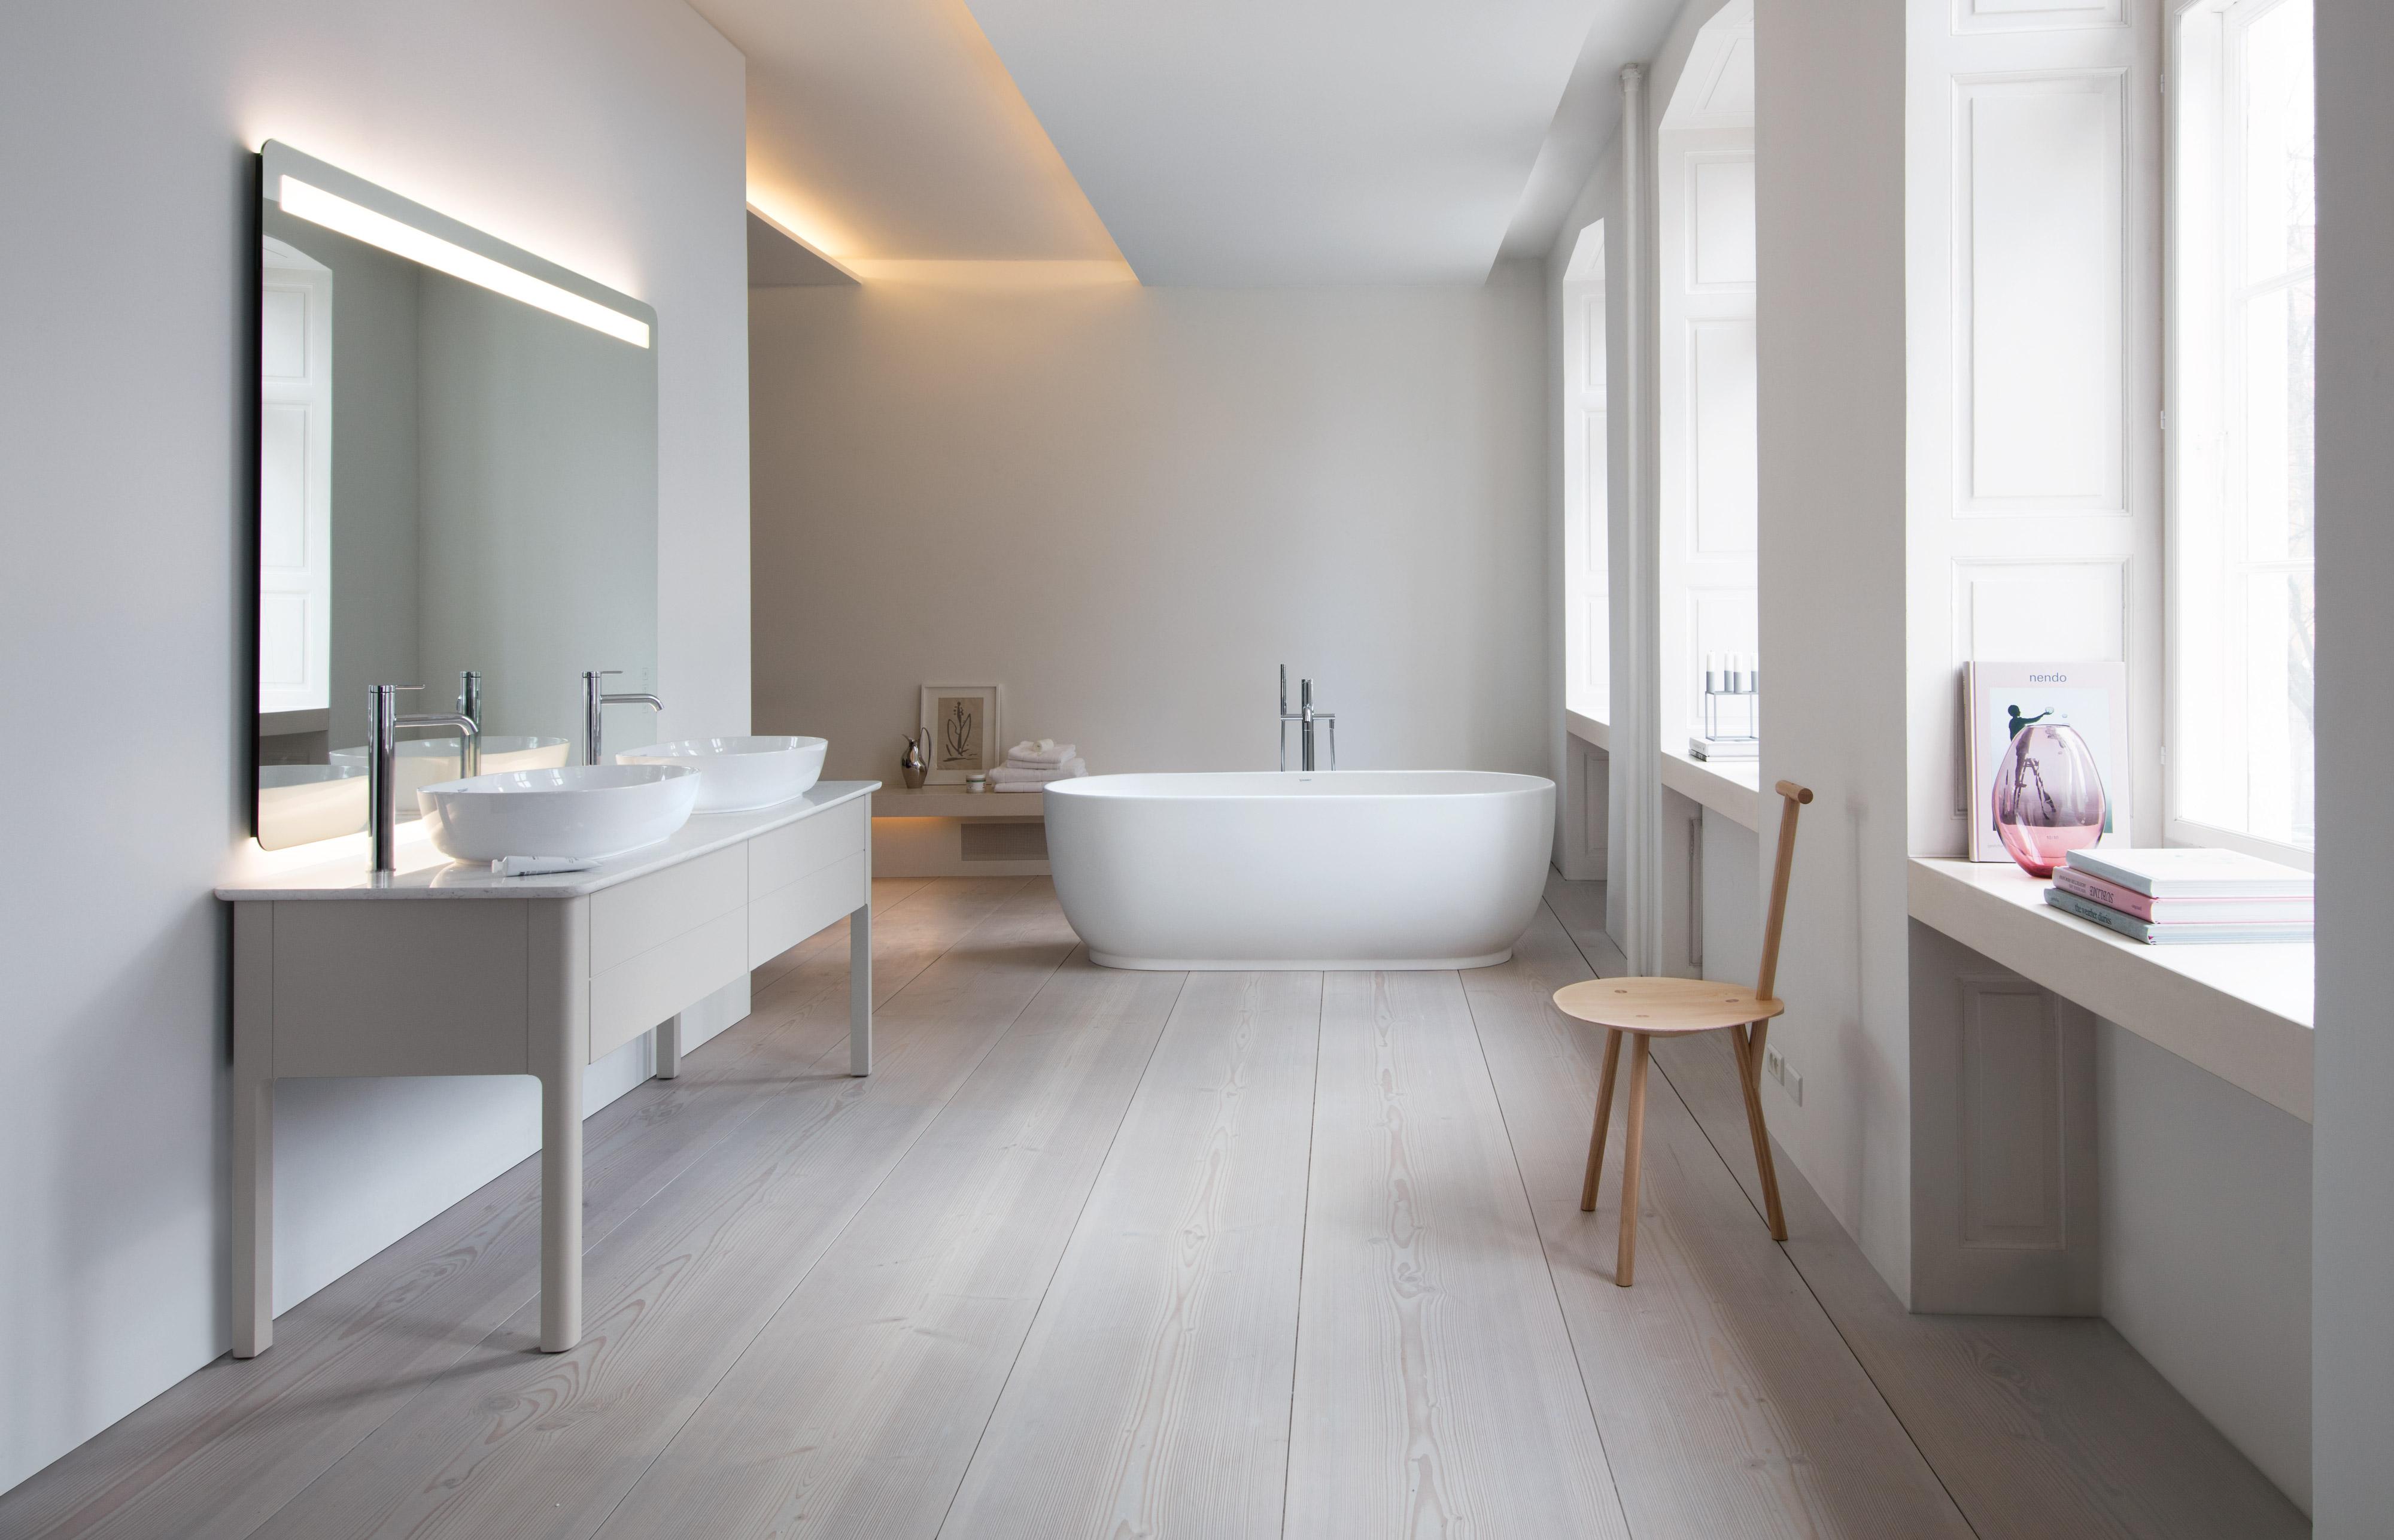 Vasche Da Bagno Duravit Prezzi : Duravit luv badmöbel wcs und mehr im dänischen design duravit